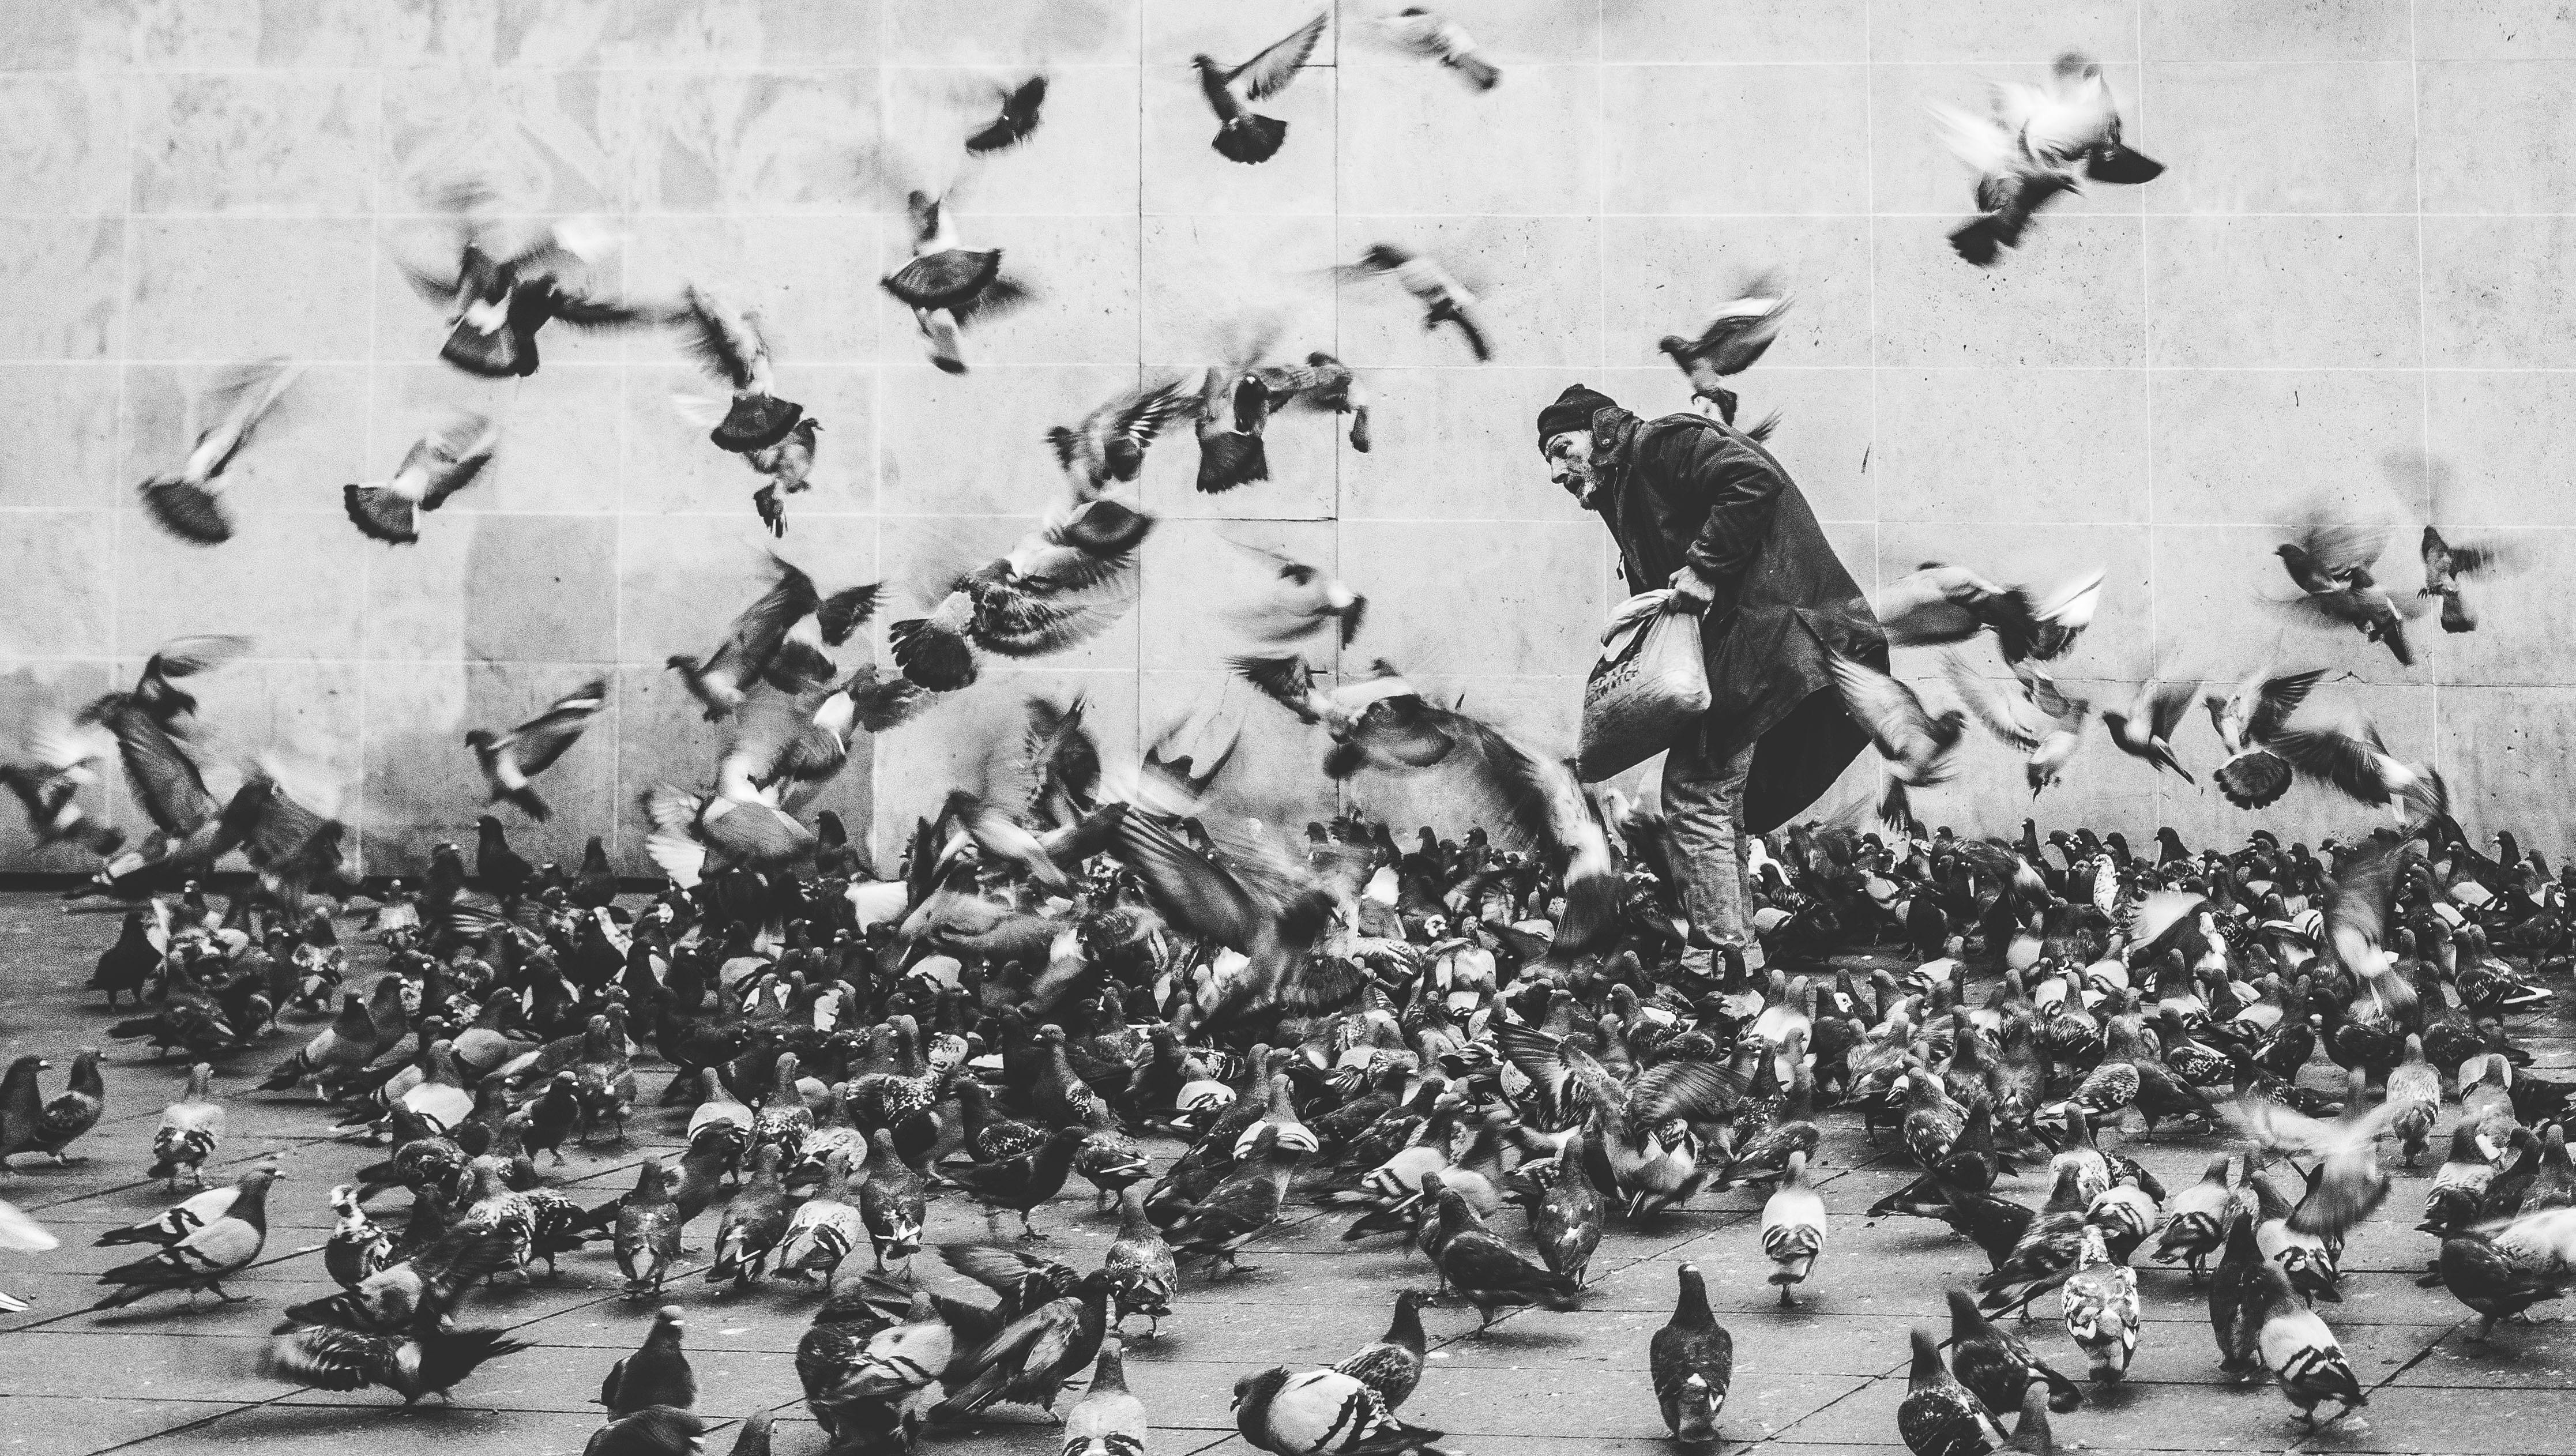 Hình ảnh đàn ông Chim đen Và Trắng Những Người đám